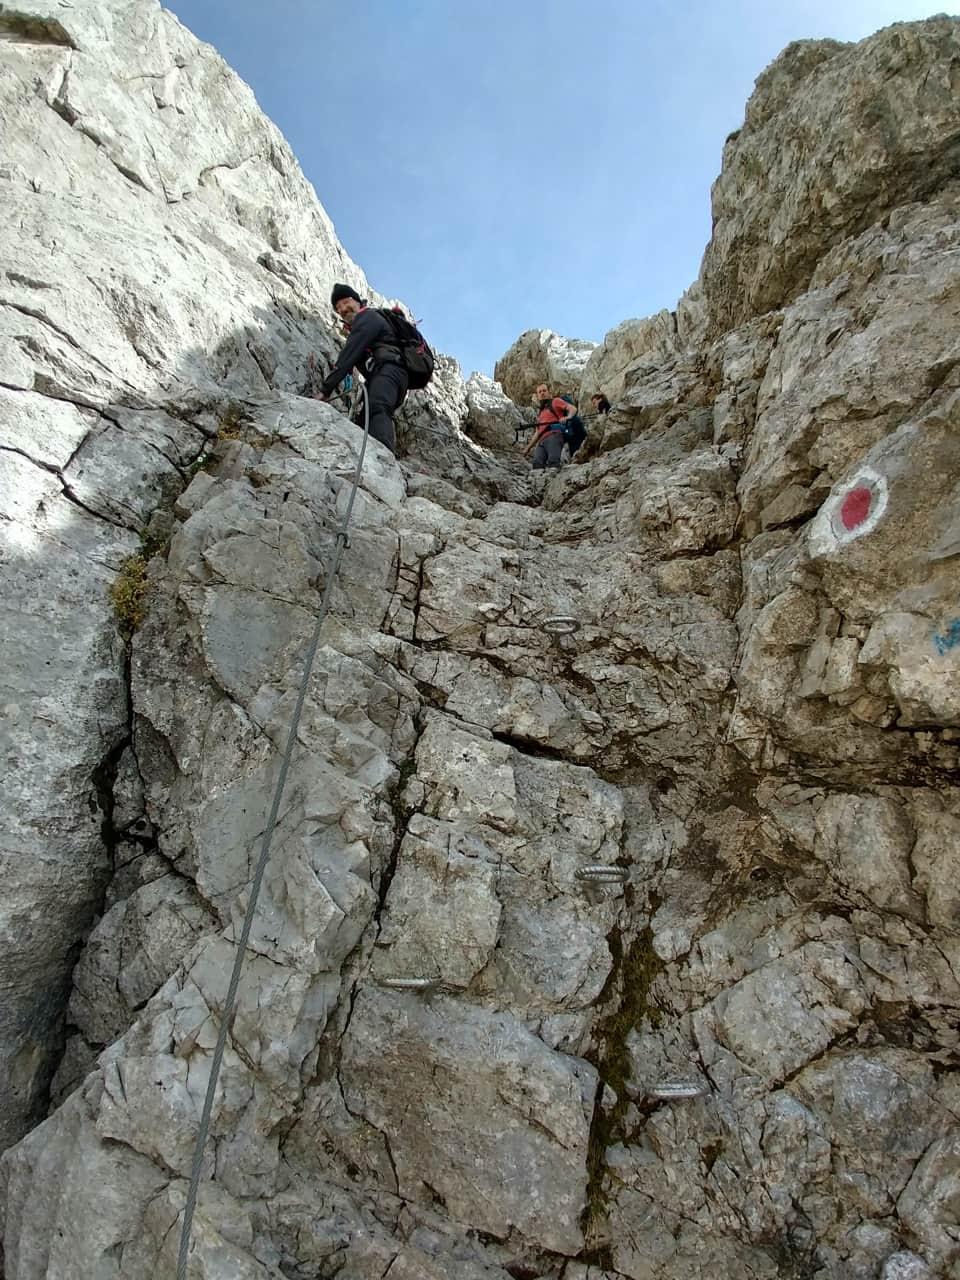 Il tratto attrezzato, seppur breve, è consigliato soltanto a escursionisti esperti.